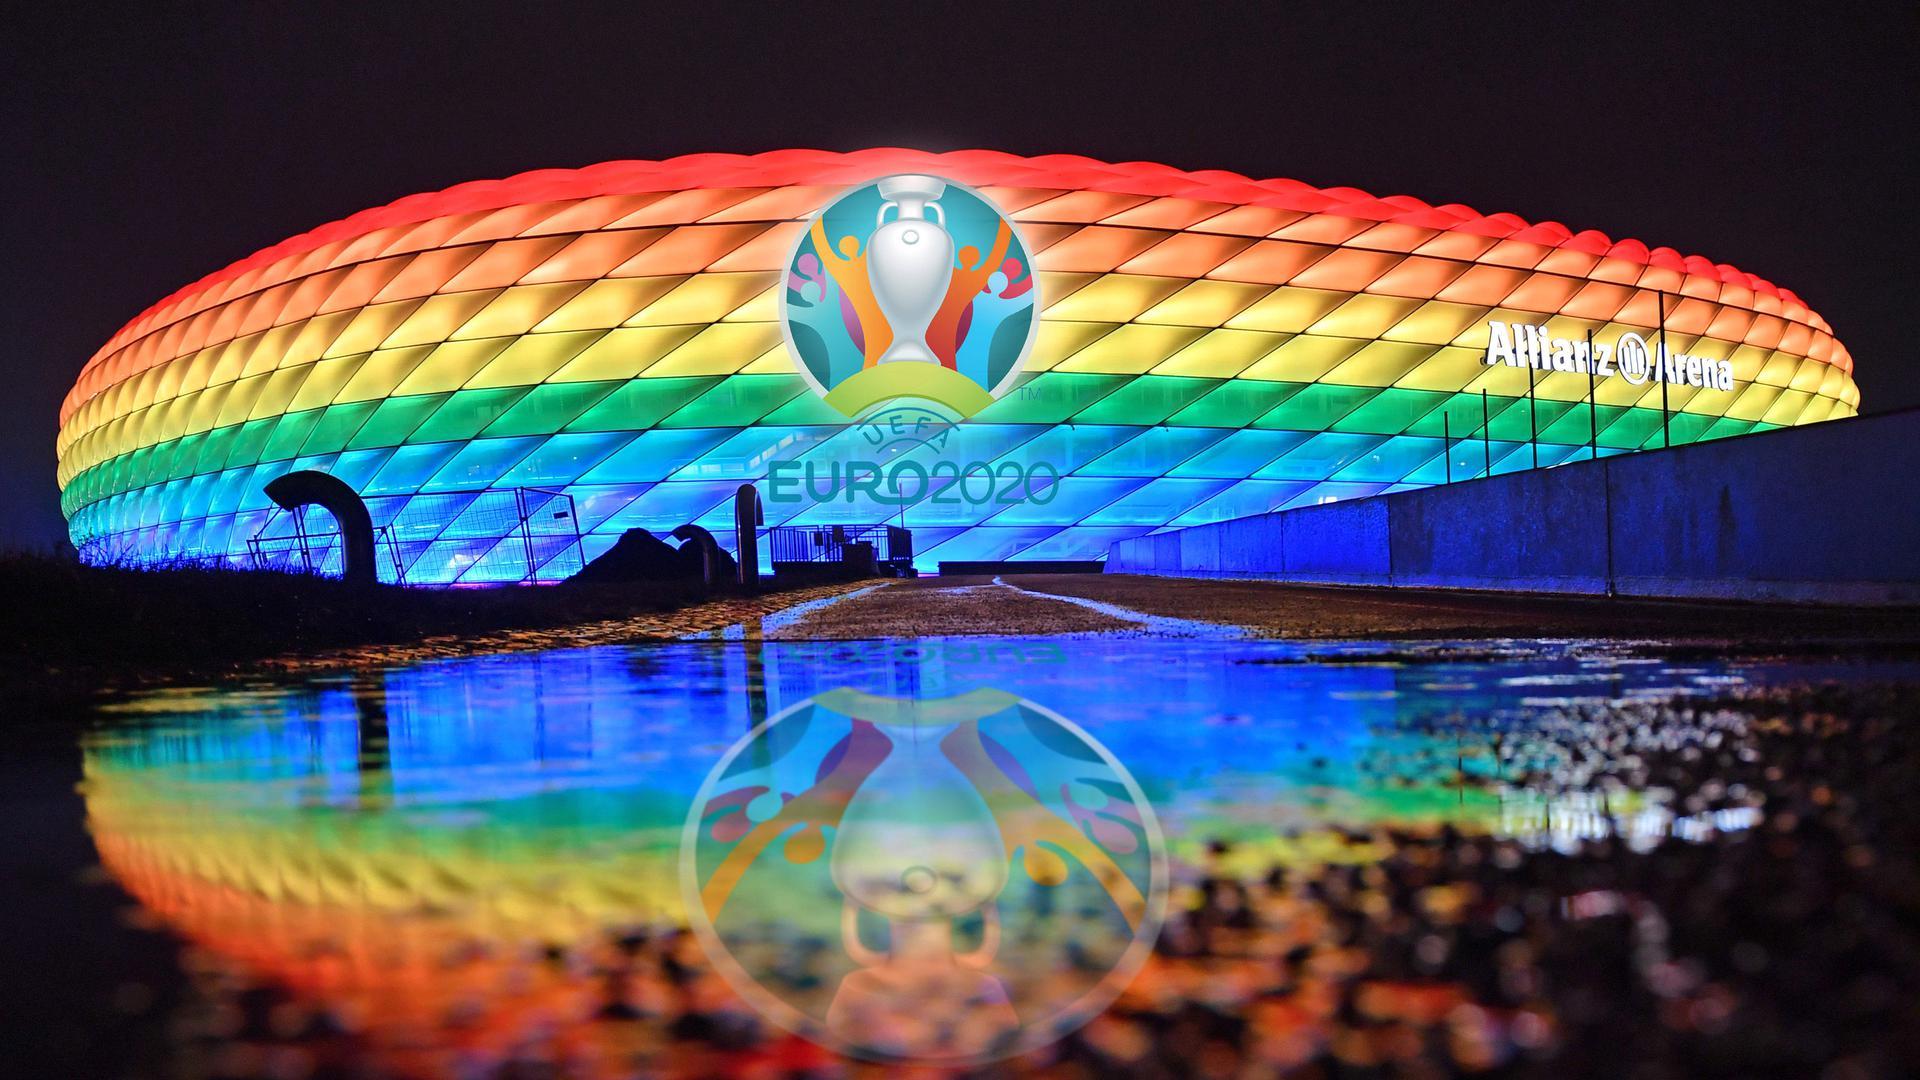 München macht sich Locker: Pünktlich vor Beginn der Fußball-Europameisterschaft lockert die Stadt, die einer der Austragungsorte des paneuropäischen Sportereignisses ist, ihre Corona-Regeln. Deshalb sind auch 14.000 Zuschauer in der Arena zugelassen.